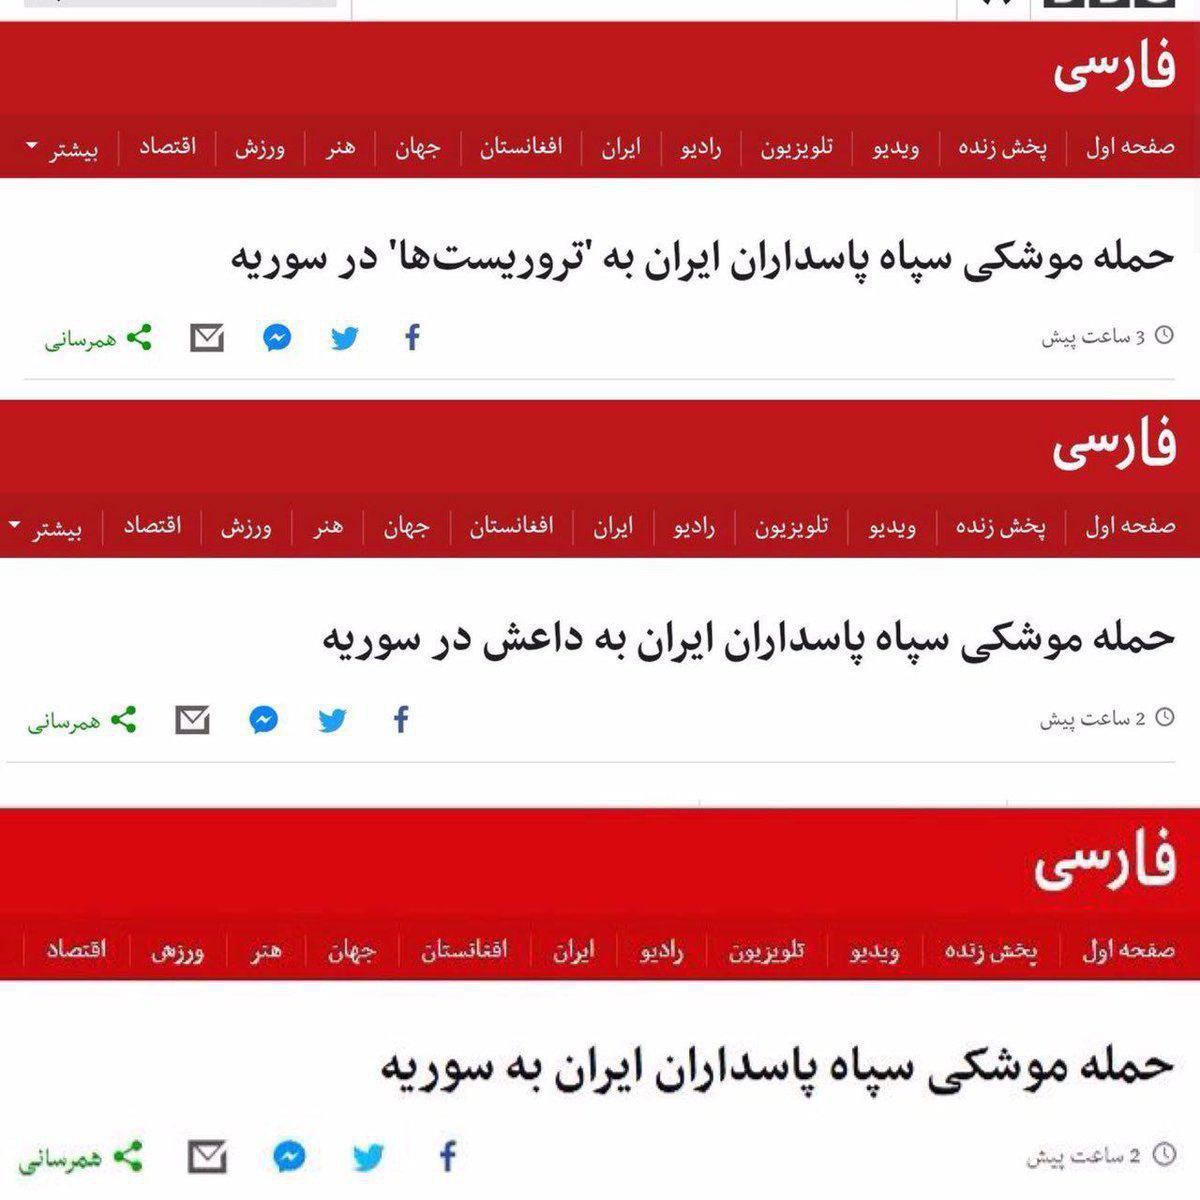 3 بار تغییر در تیتر بیبیسی فارسی پس از انتقام موشکی سپاه (+عکس)